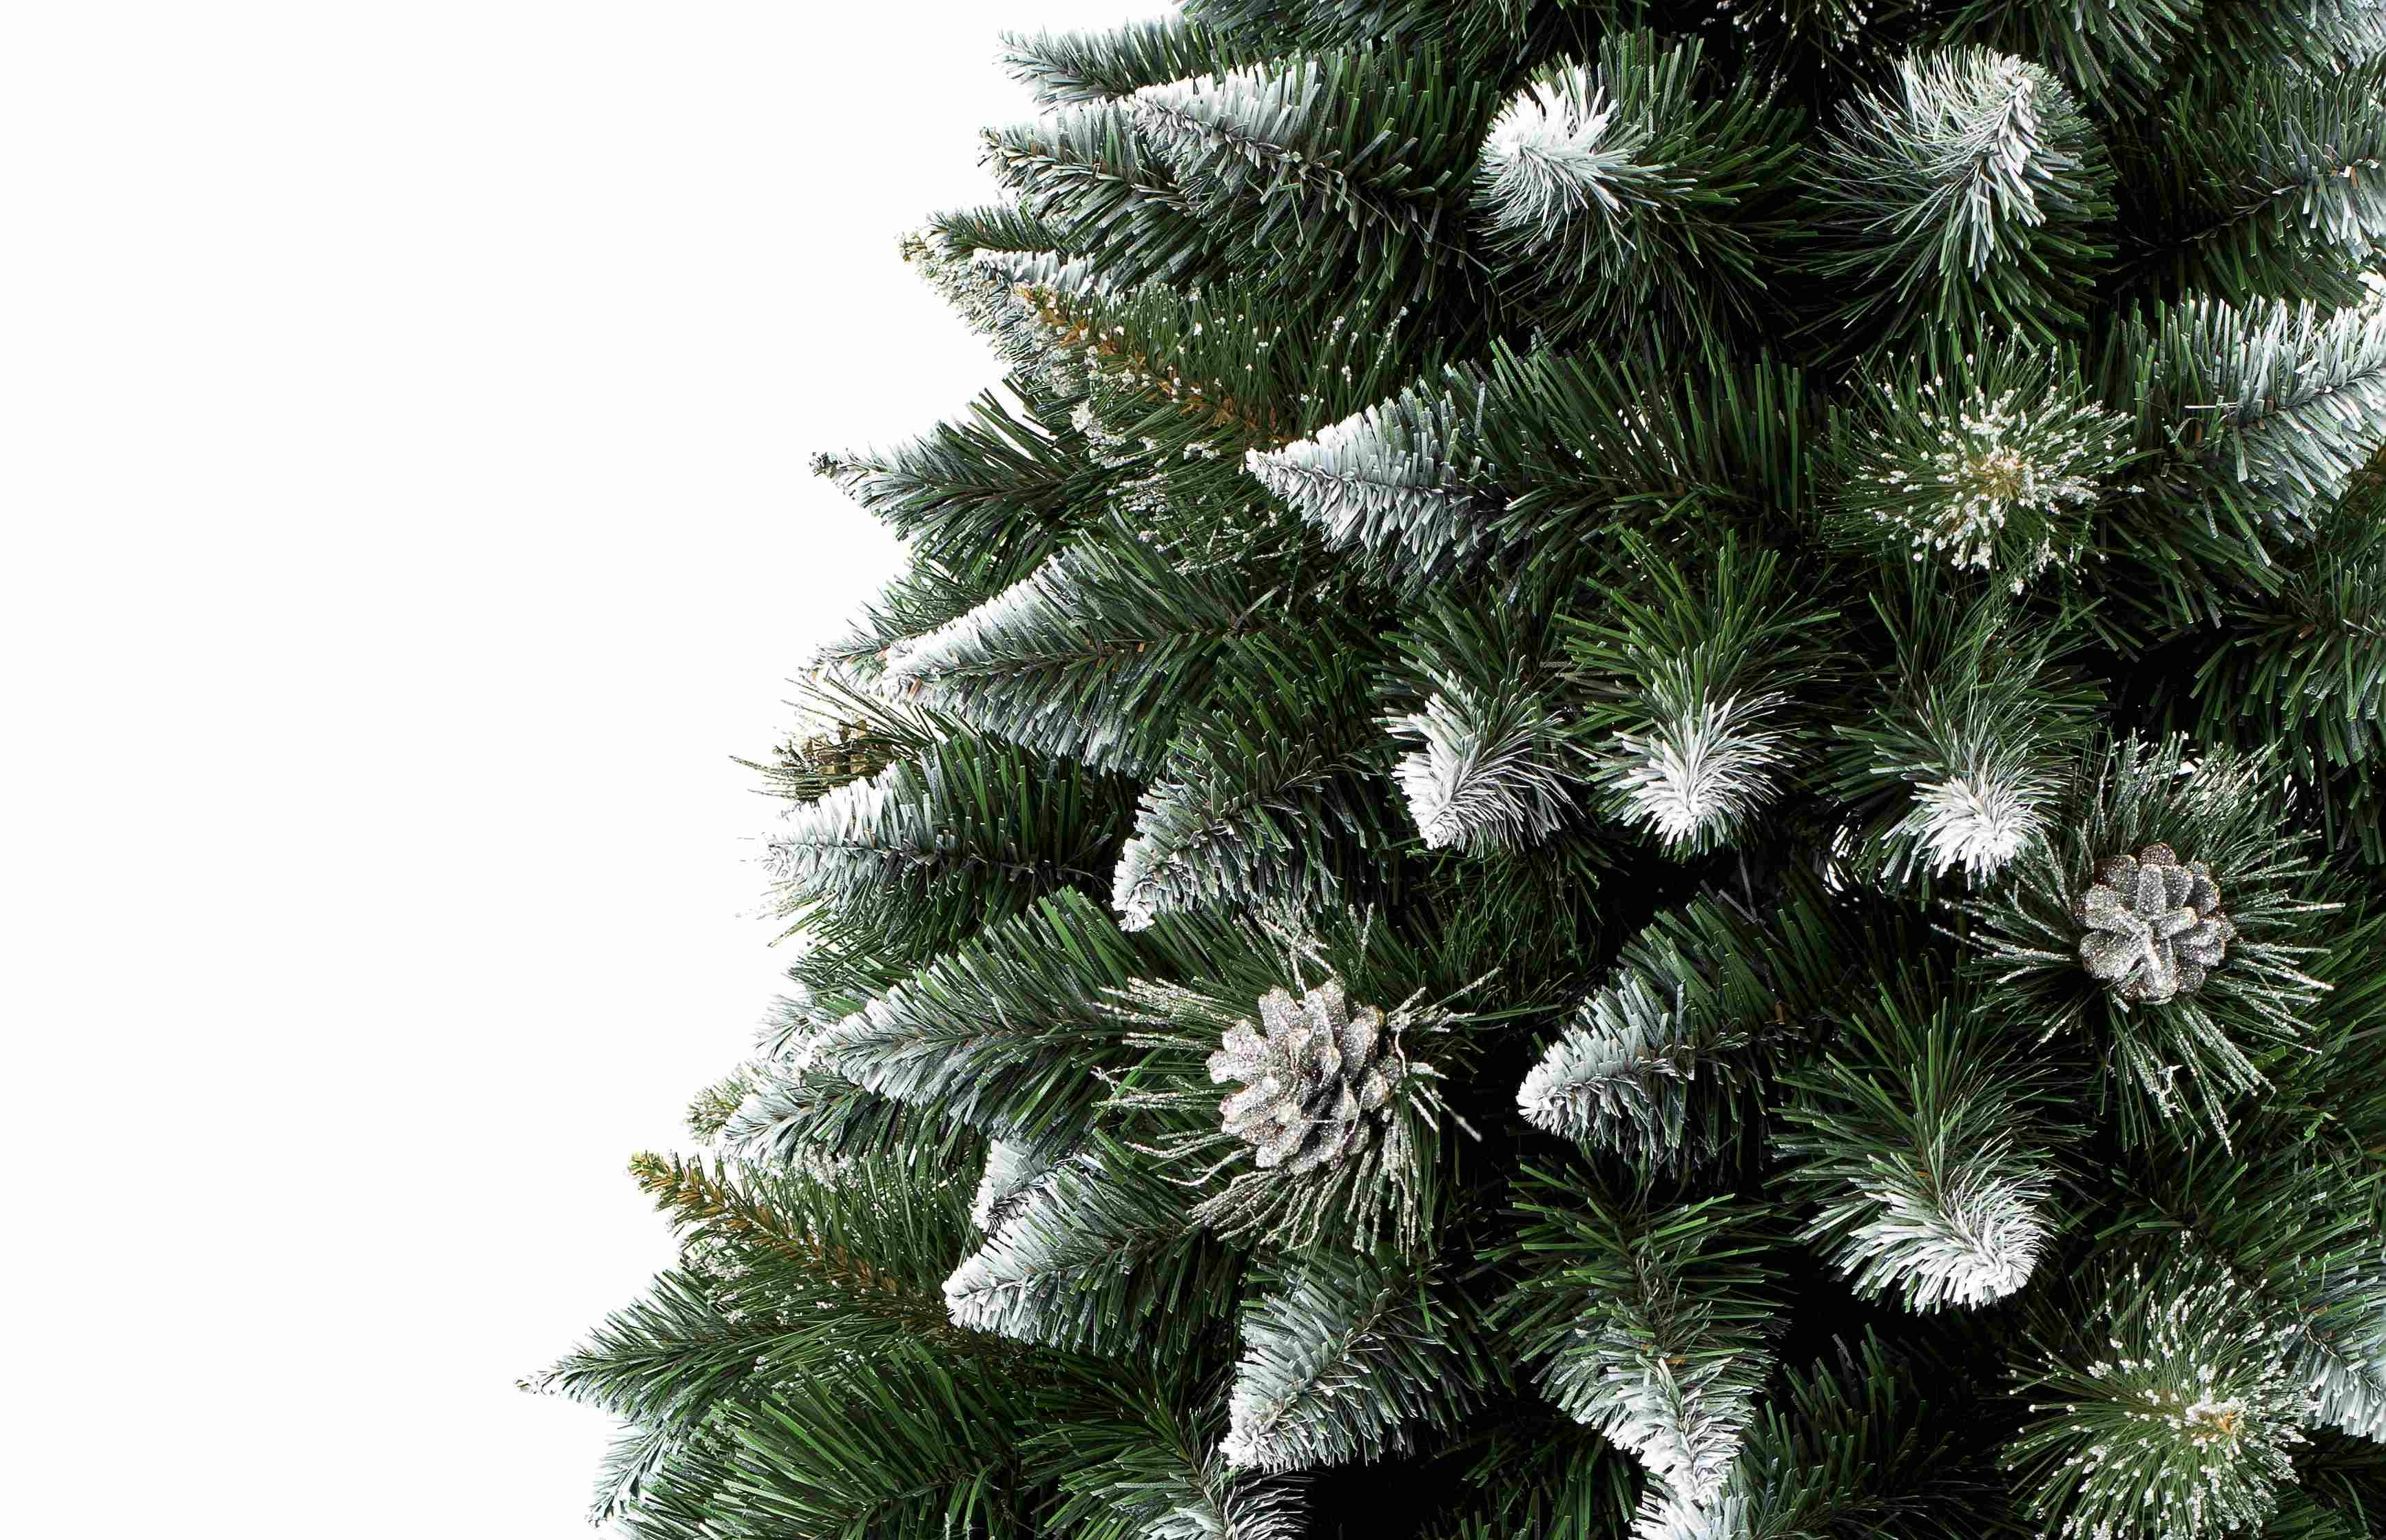 b1a06d3b7 Vianočná novinka : umelé vianočné stromčeky 3d | Svet Stromčekov